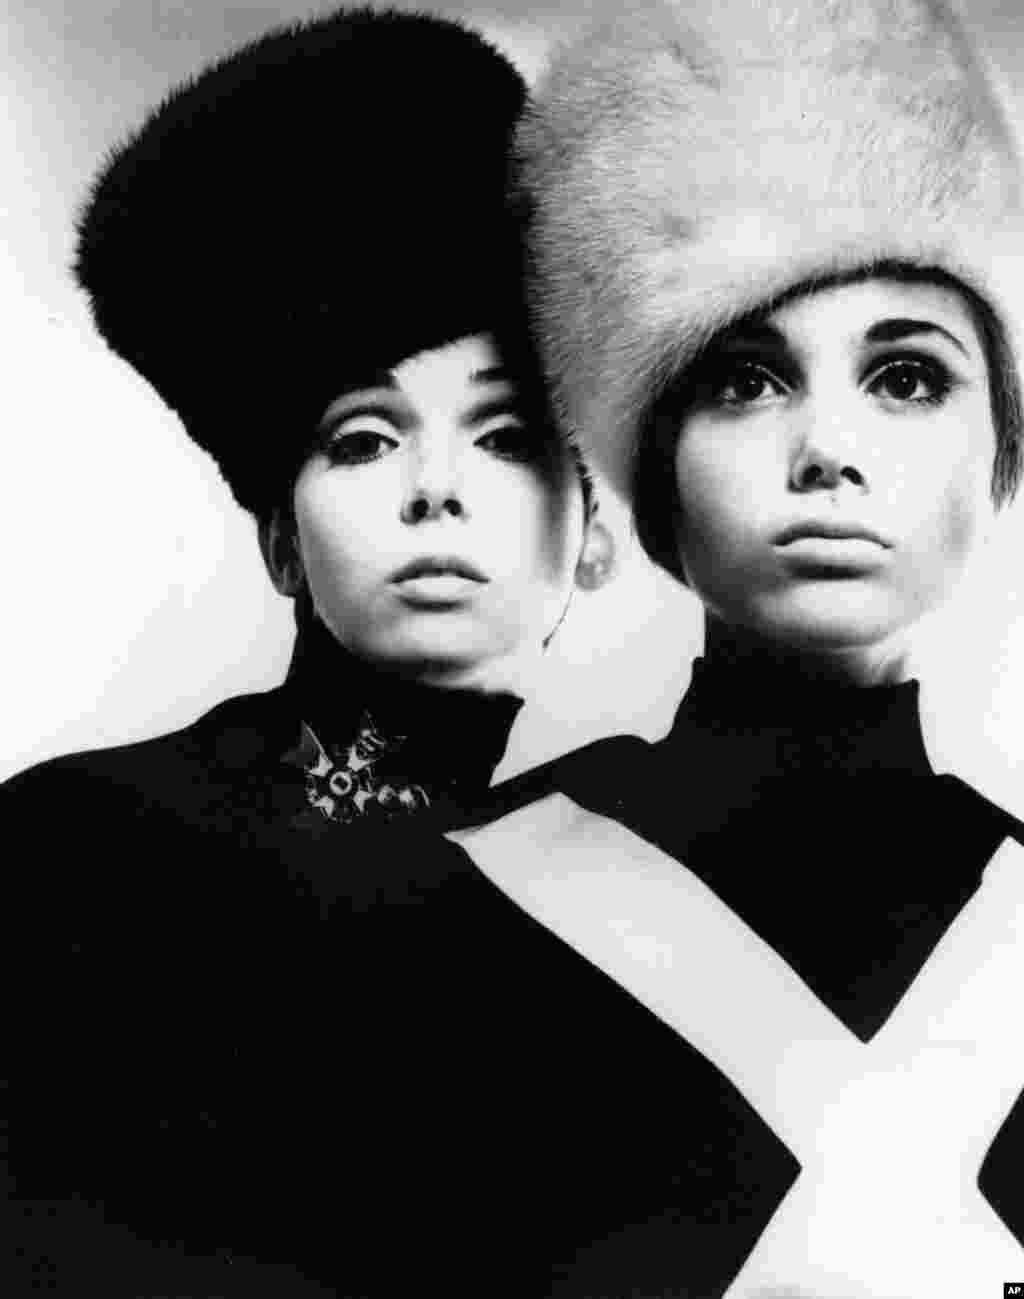 امروز در تاریخ: سال ۱۹۶۷ – مد کلاه سبک قزاق الهام گرفته از روسیه در شهر نیو یورک در آمریکا.